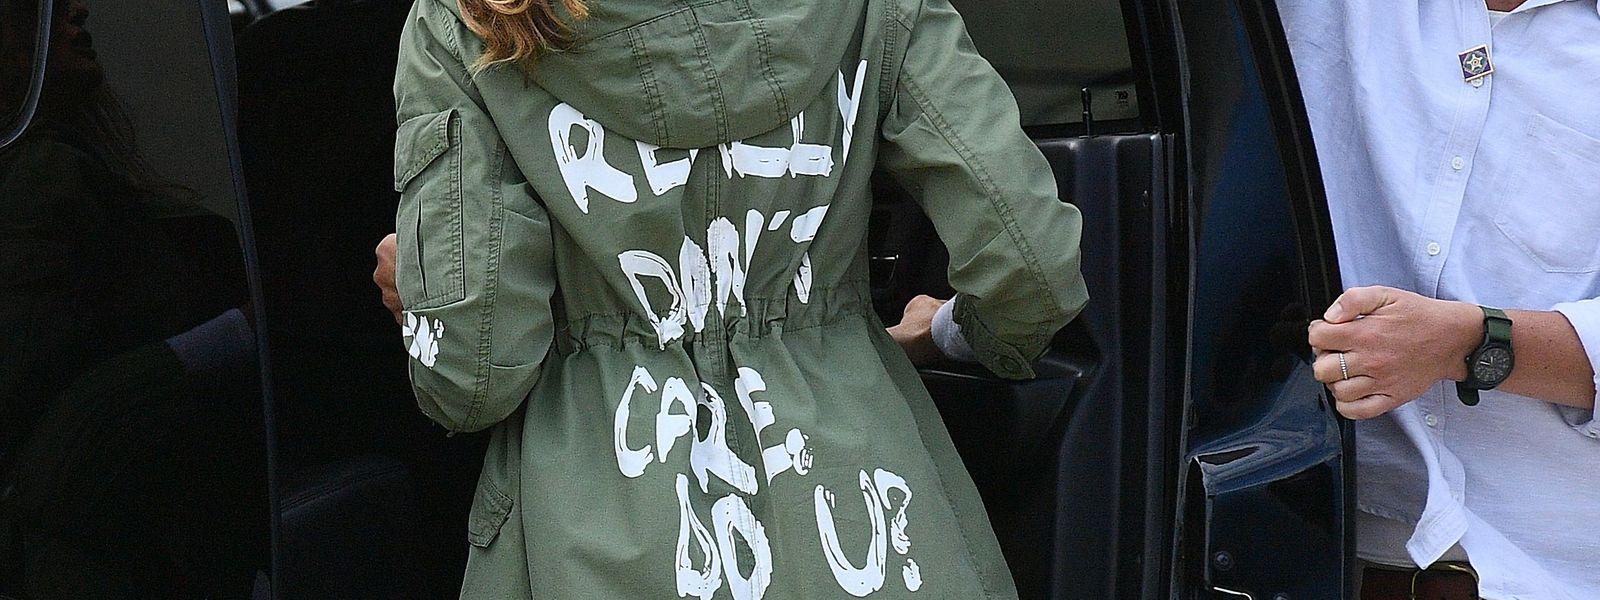 """""""I really don't care"""" - den Eindruck kann man bei Melania Trump tatsächlich gewinnen. Aber stimmt das wirklich?"""